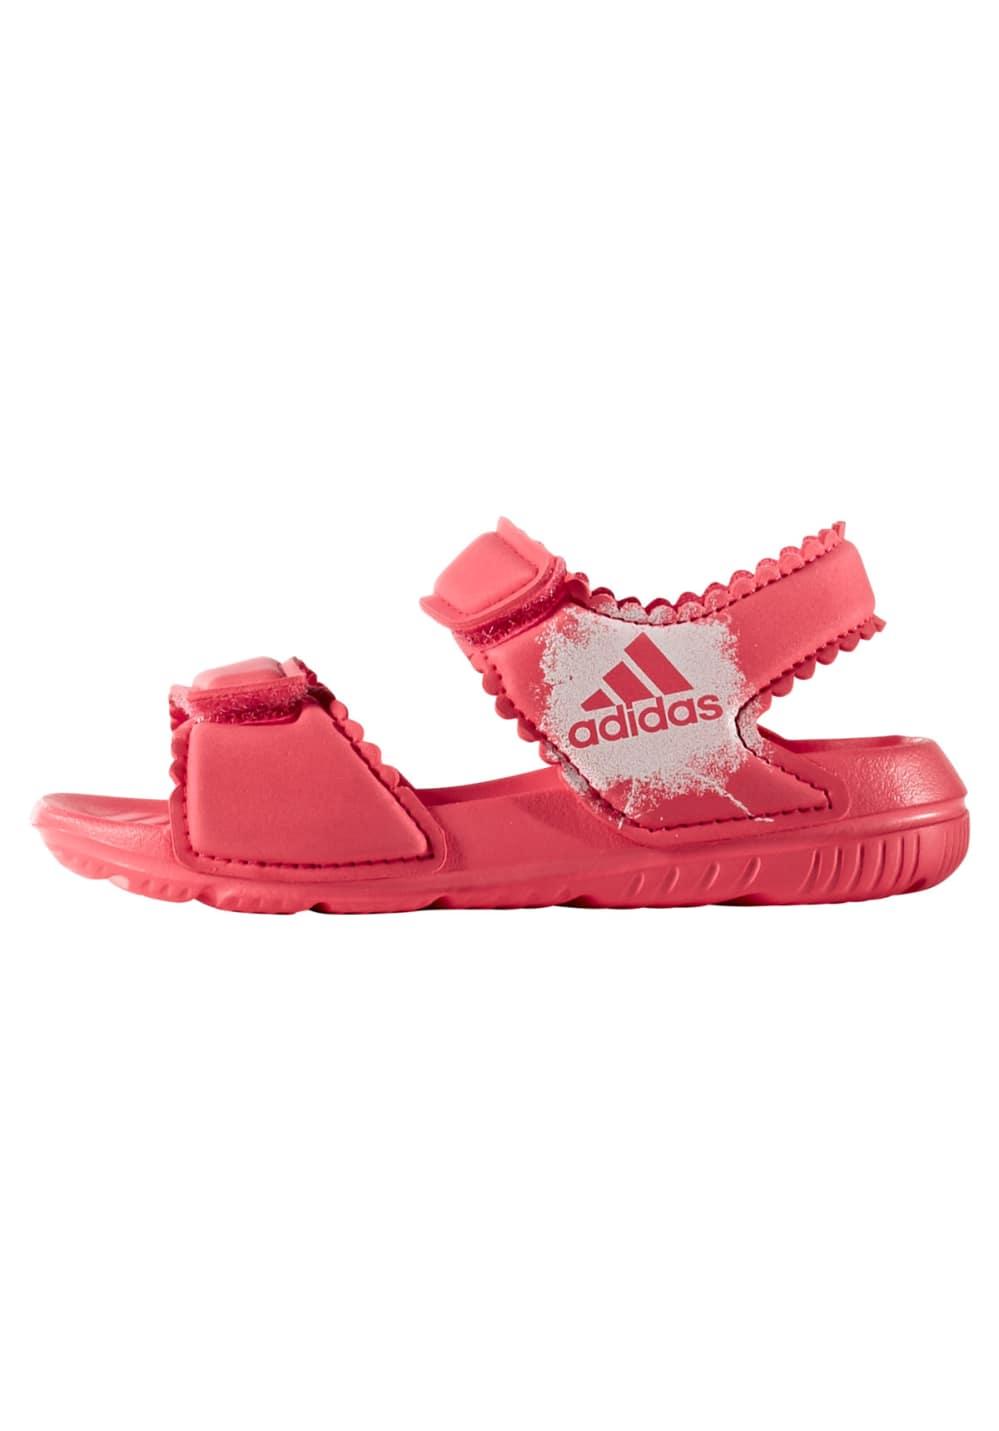 adidas AltaSwim Kids - Badeschuhe für Kinder Unisex - Pink, Gr. 24